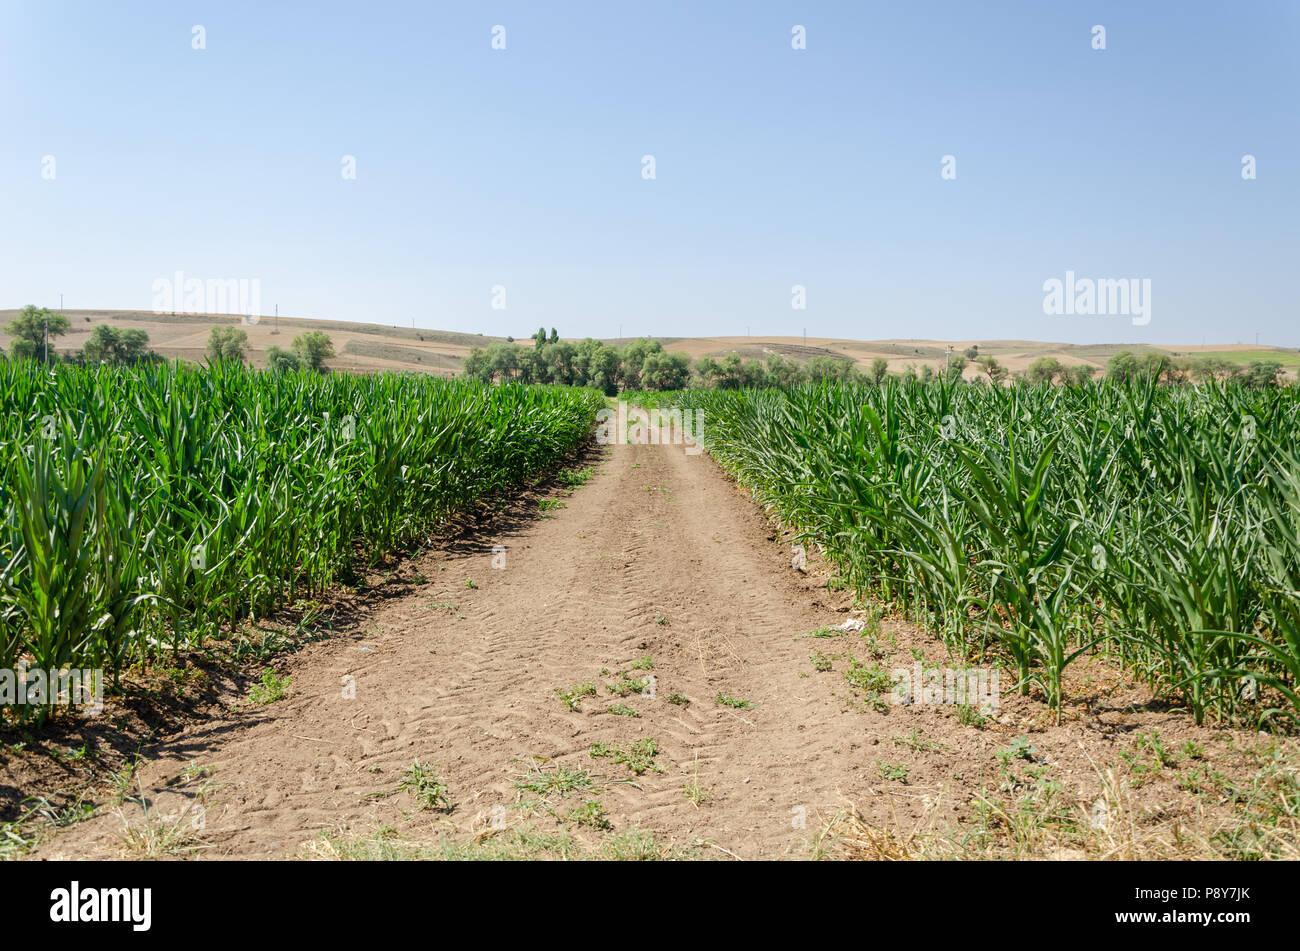 Kornfeld im Sommer. Das Wachstum der Pflanzen. Landwirtschaft Szene. Mais Landwirtschaft. Stockbild